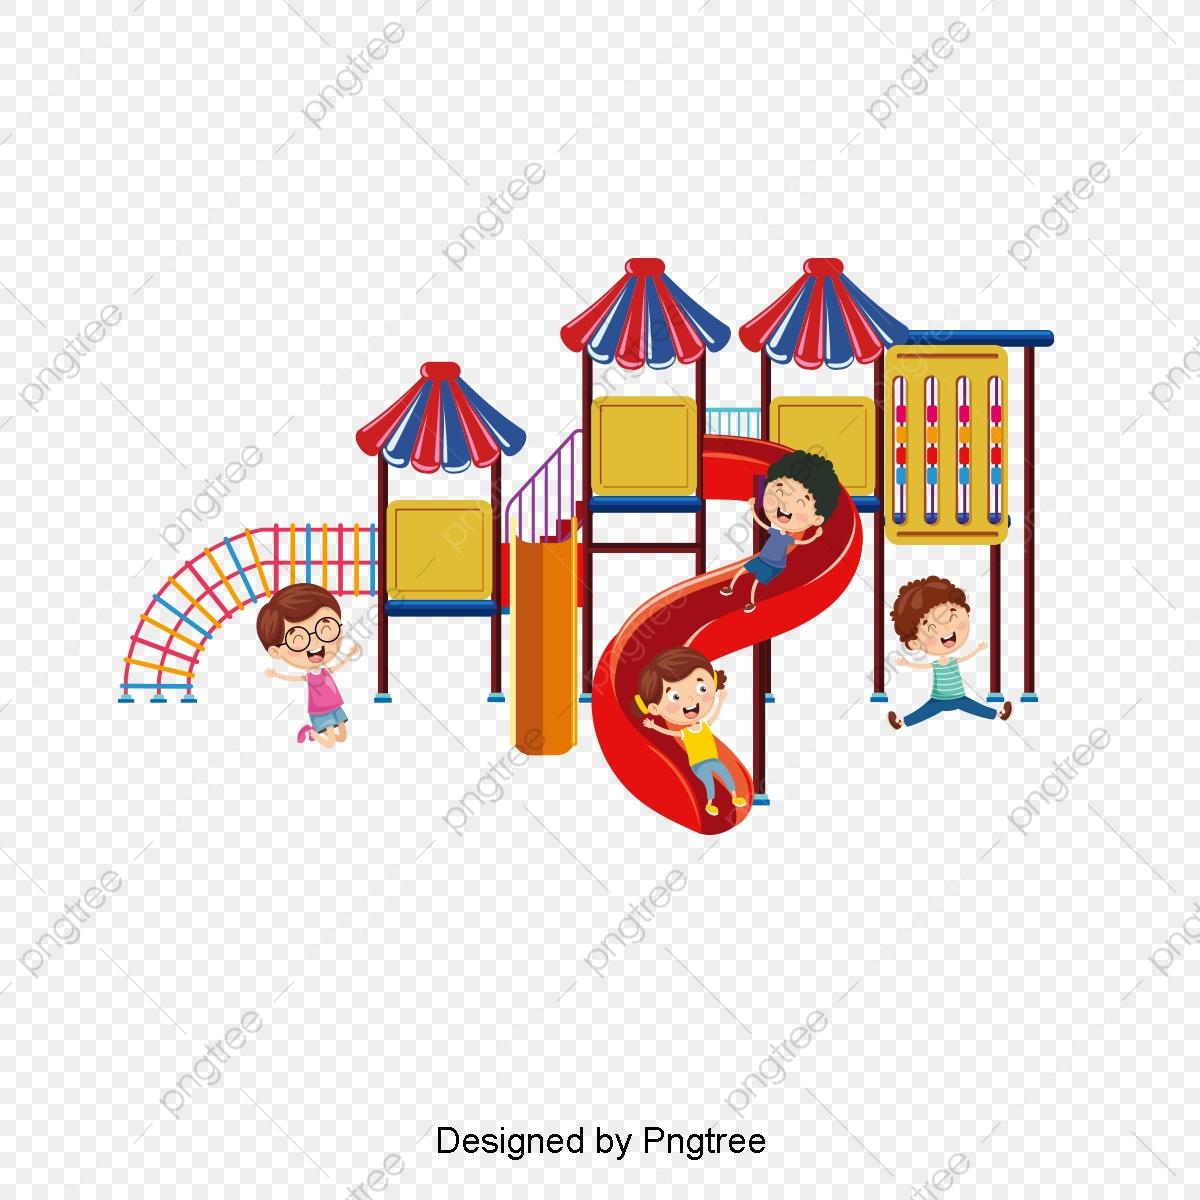 Jeu D'enfant, Parc D'attractions, Les Enfants, Jouer Fichier encequiconcerne Jeux De Enfan Gratuit